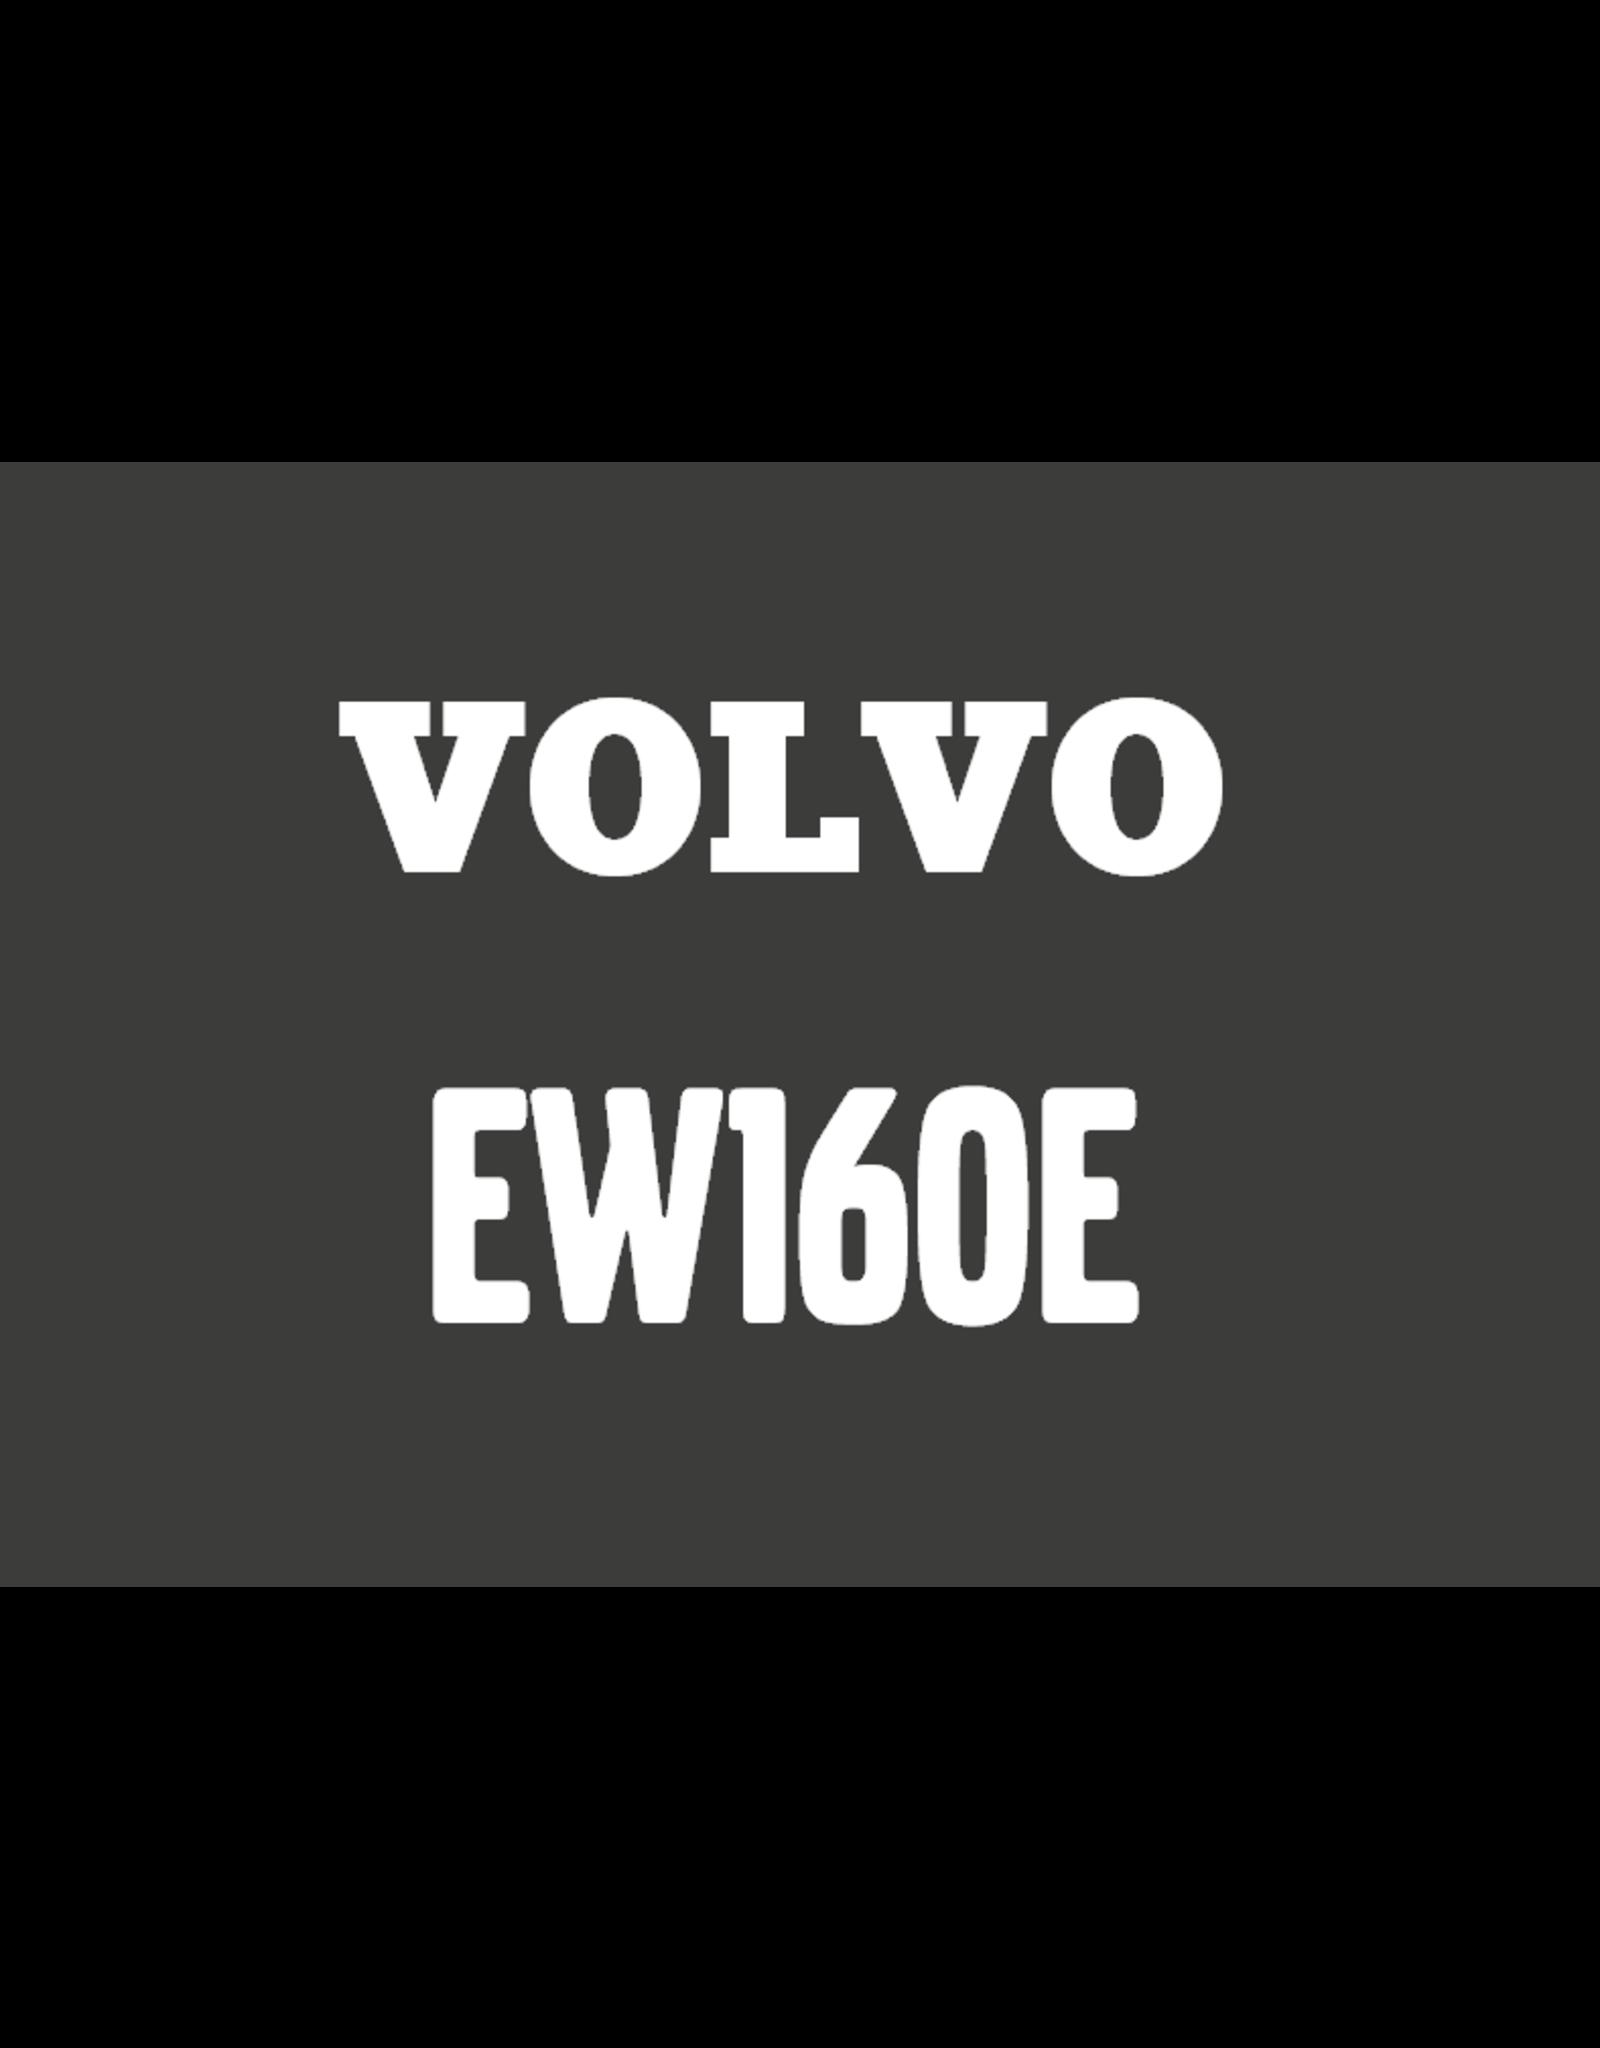 Echle Hartstahl GmbH FOPS für Volvo EW160E